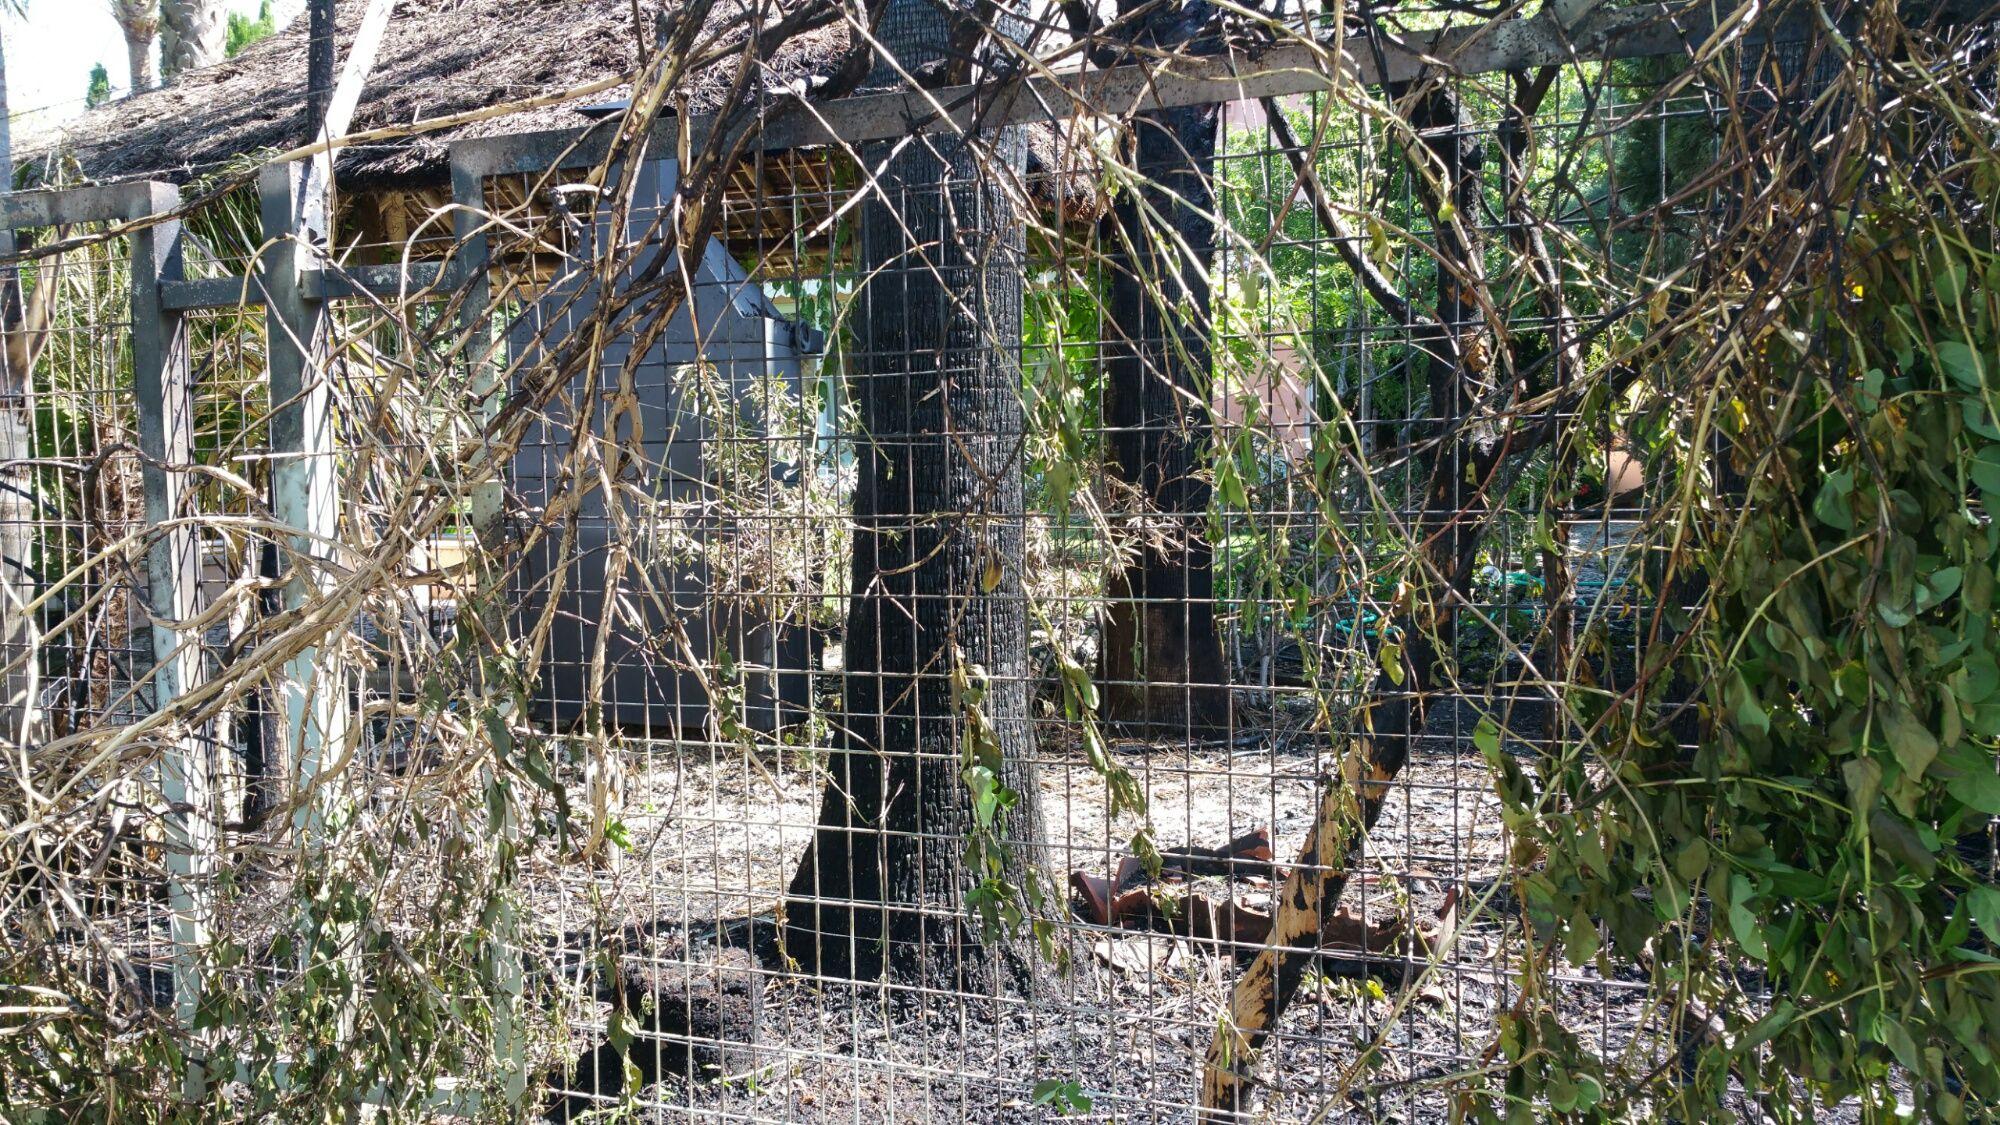 Imagen tras el incendio. Afectados el vallado, arbustos y árboles de chalet entre Avenida Andalucía y Calle Zeus | MIRA Jerez